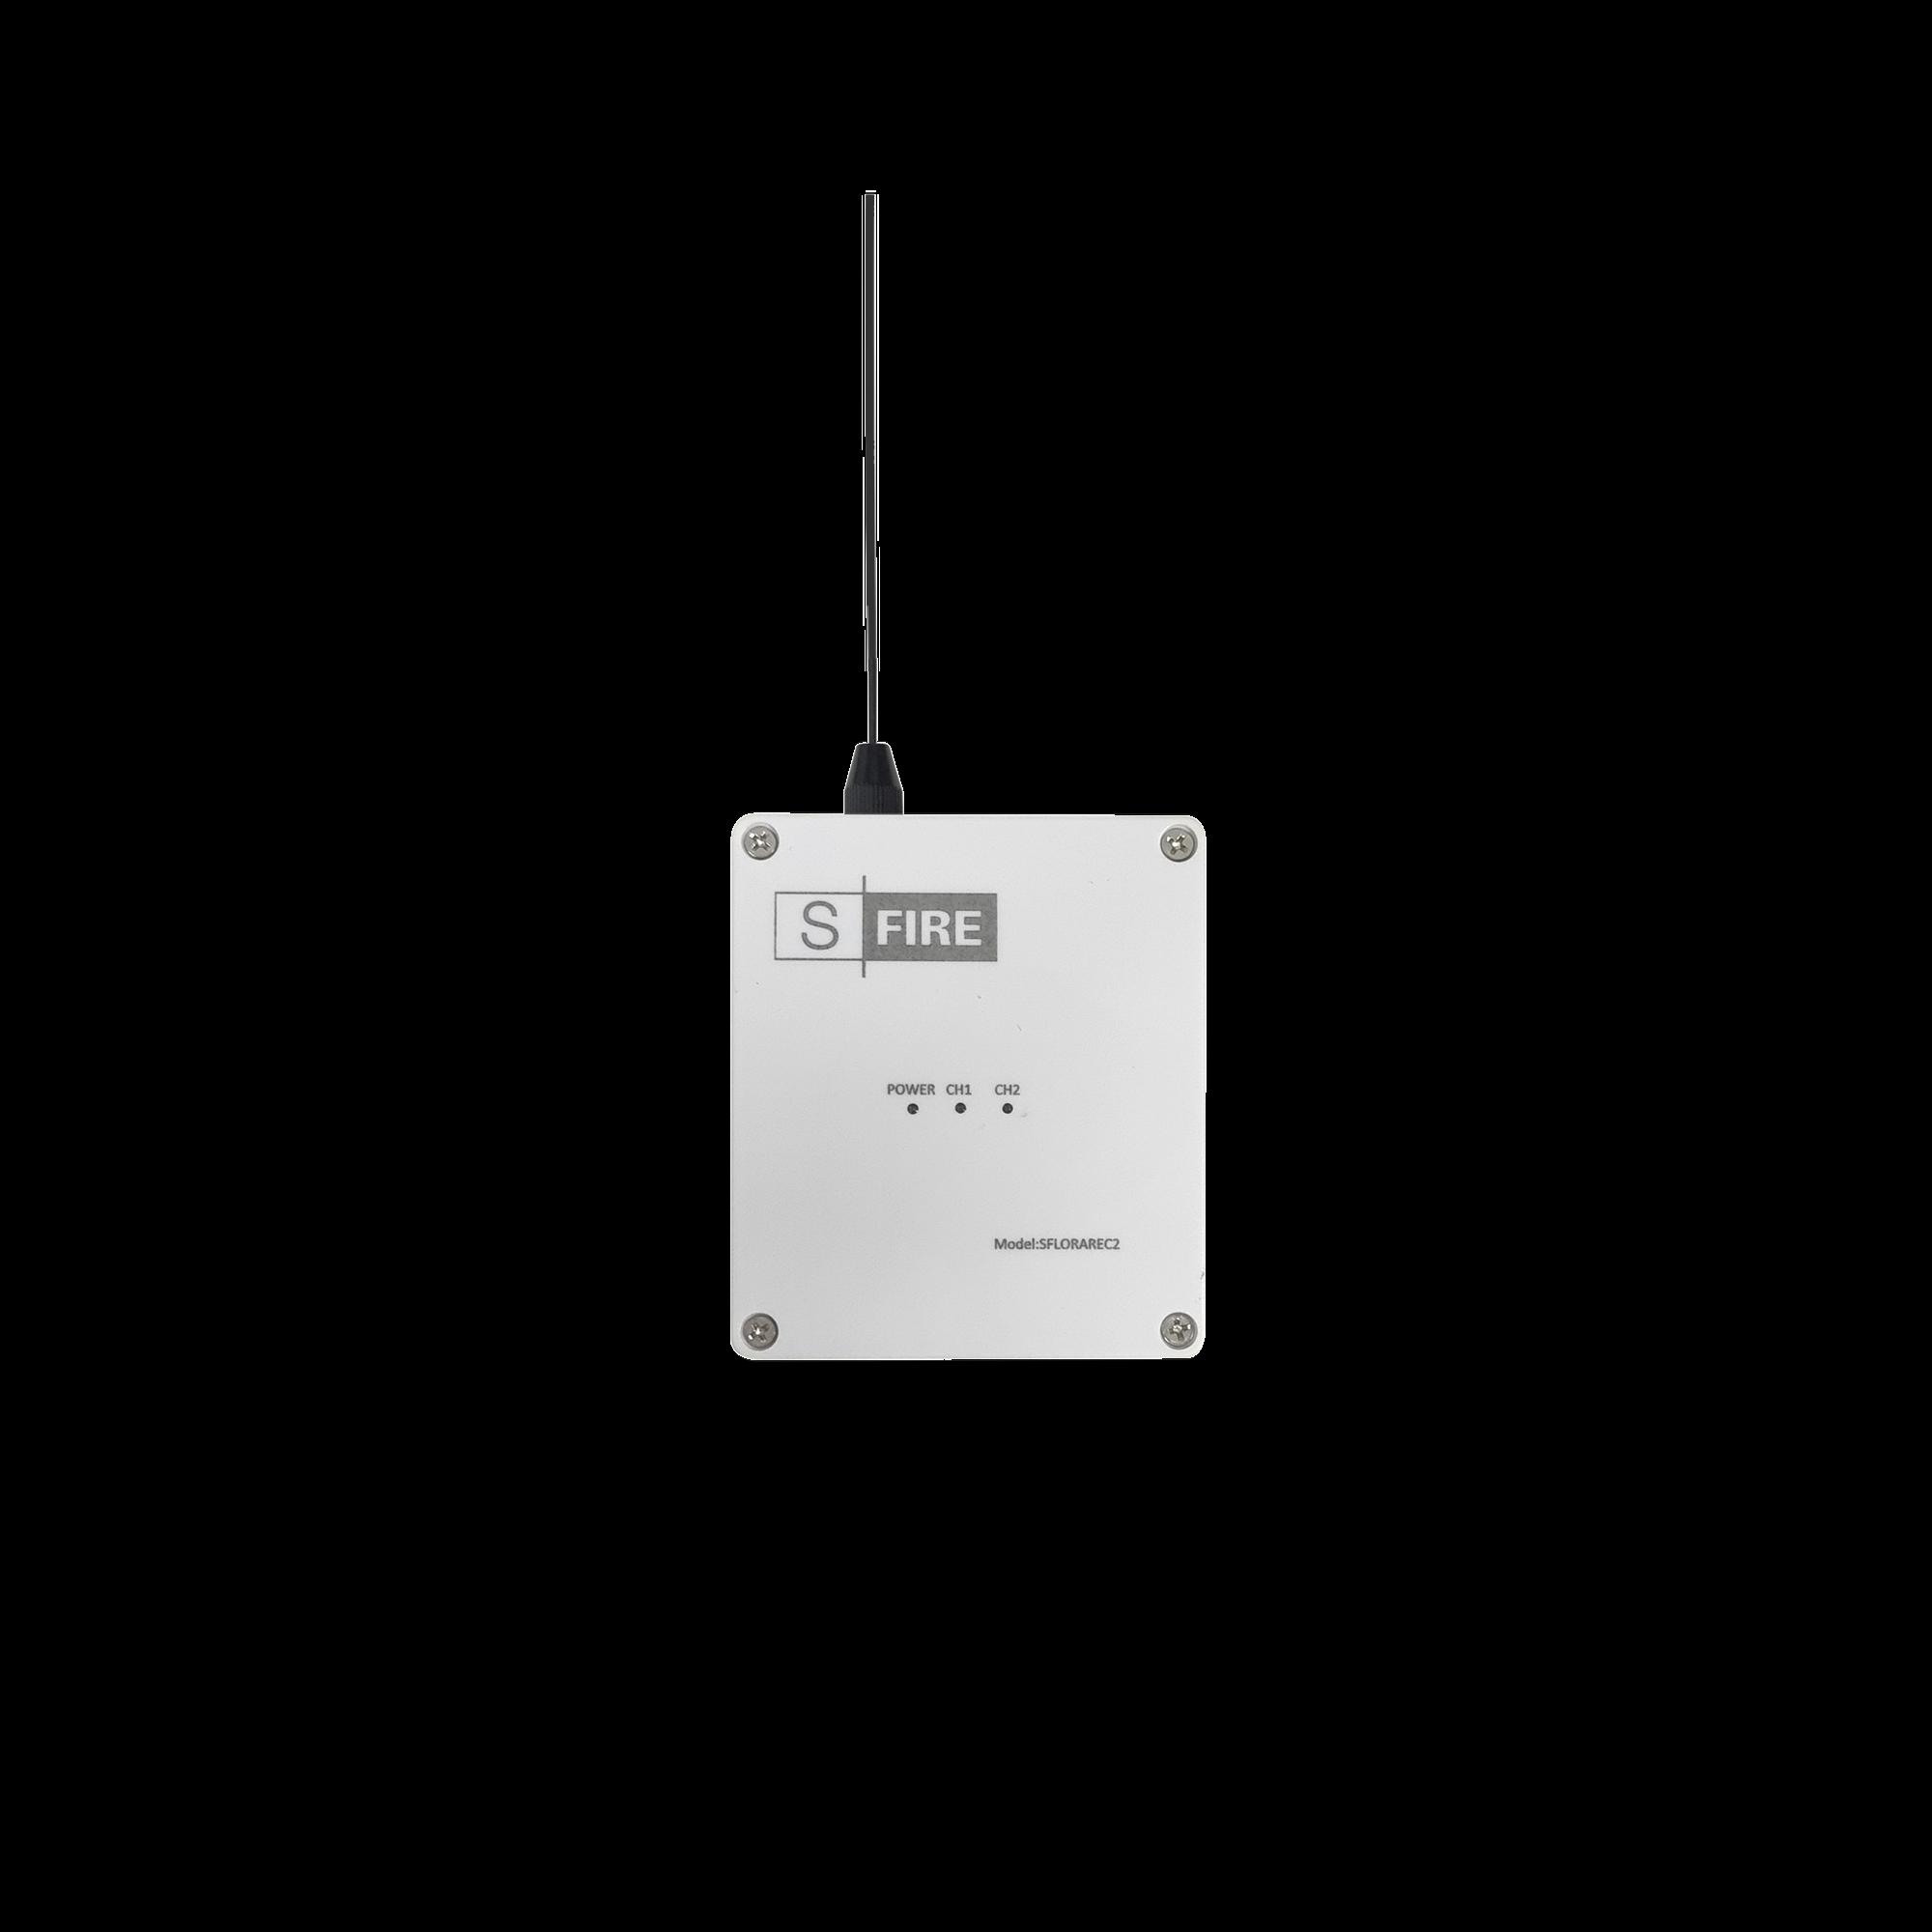 Receptor inalambrico / 2500 metros de cobertura / 2 salidas de relevador tipo C